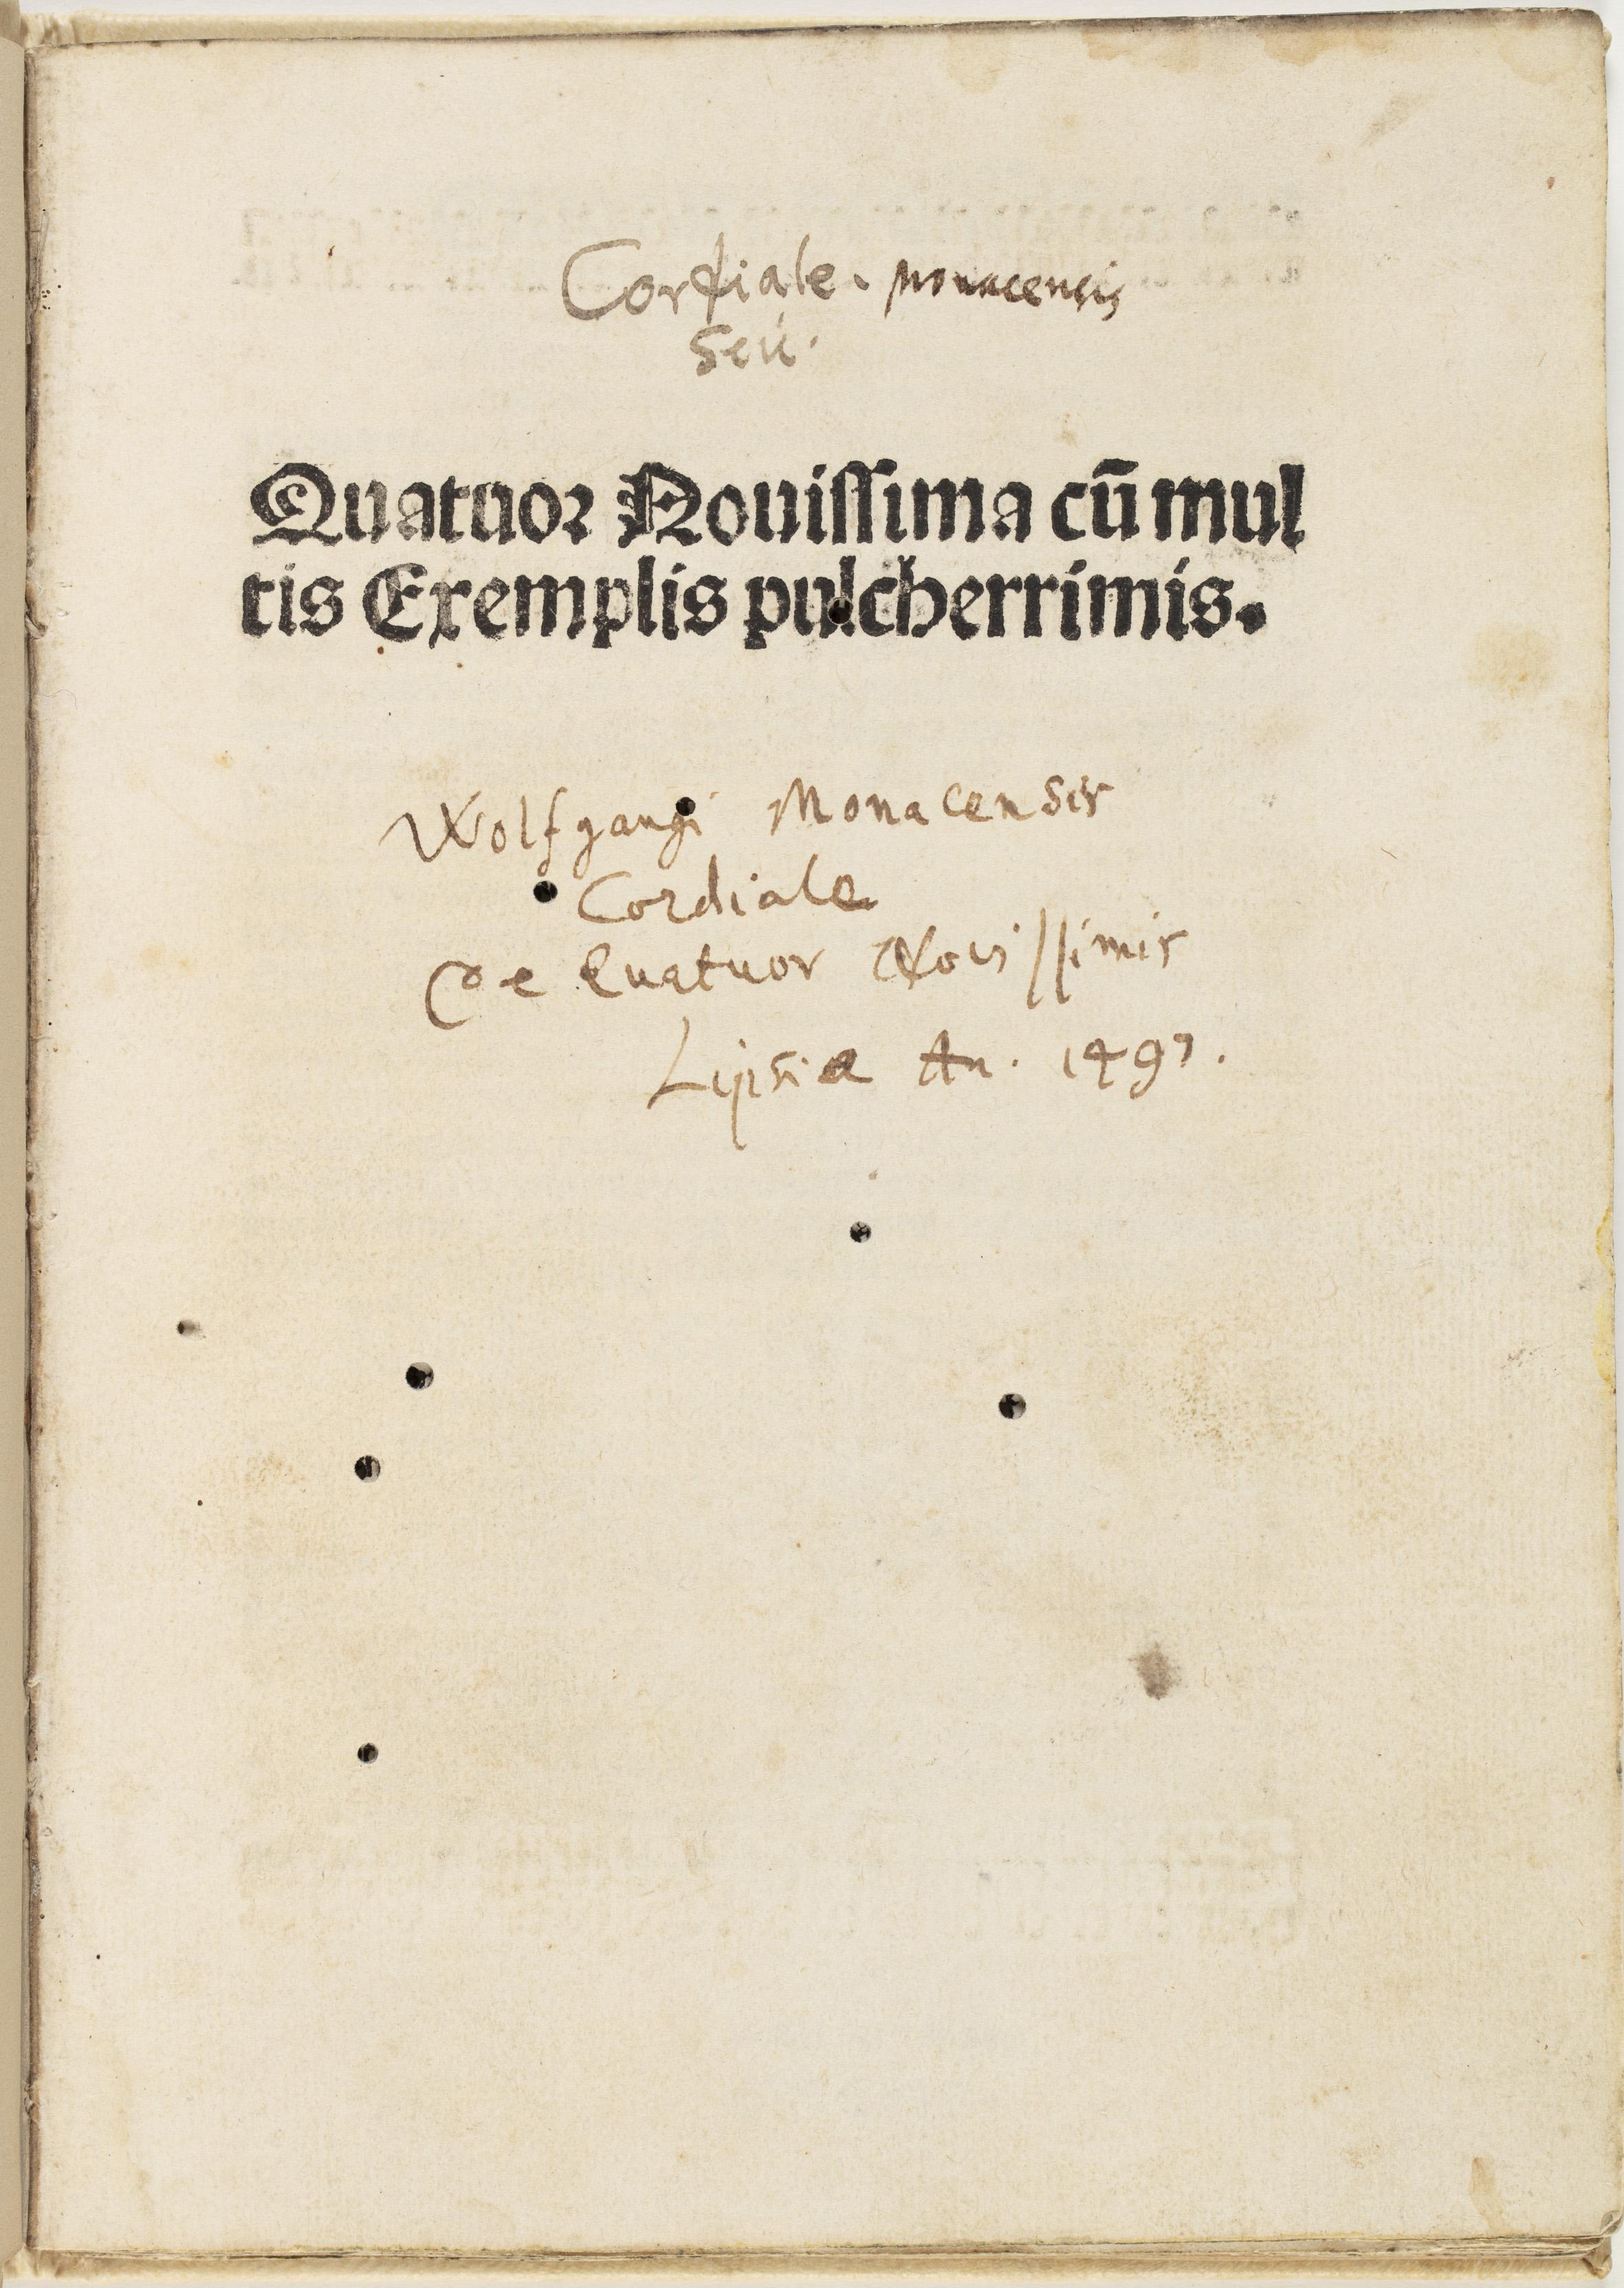 Quatuor nouissima cu[m] multis exemplis pulcherrimis, 1497, by Denis, the Carthusia